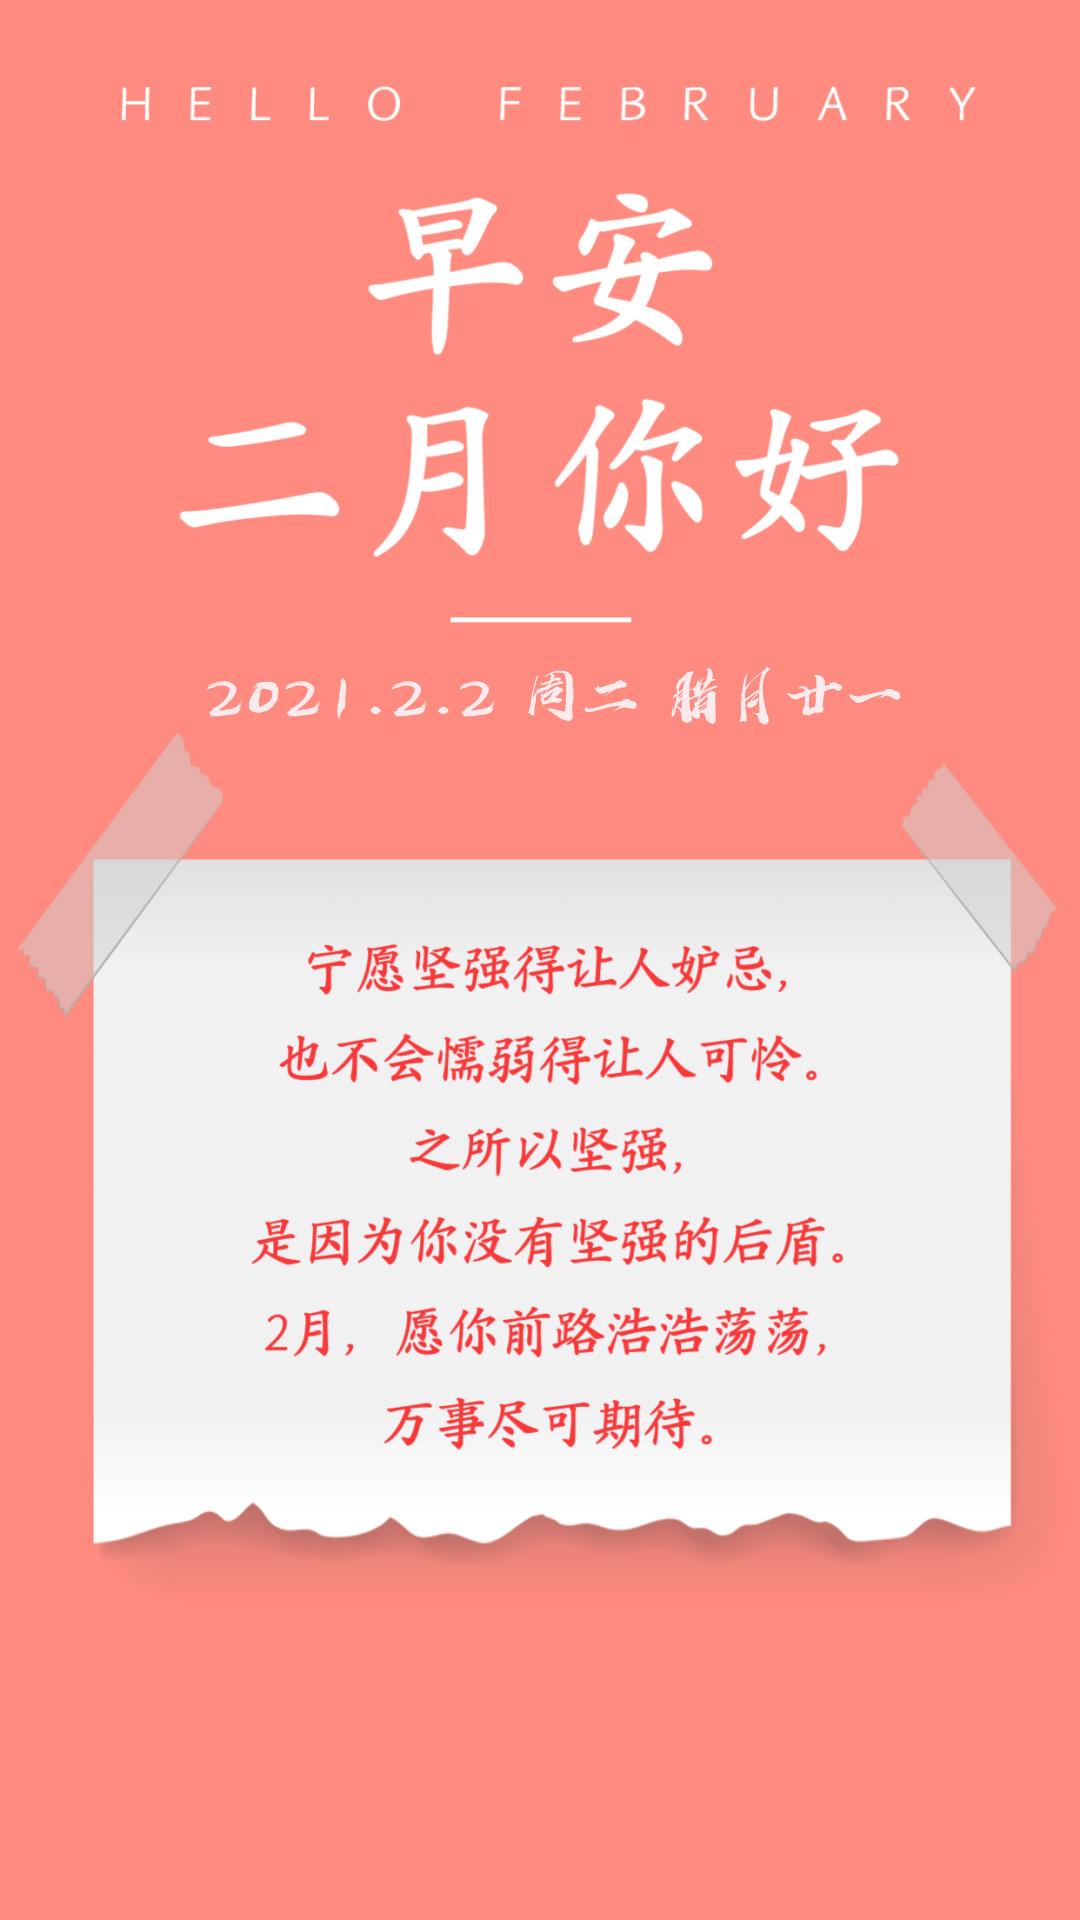 二月正能量早安说说句子,2月早上发朋友圈最棒的文案